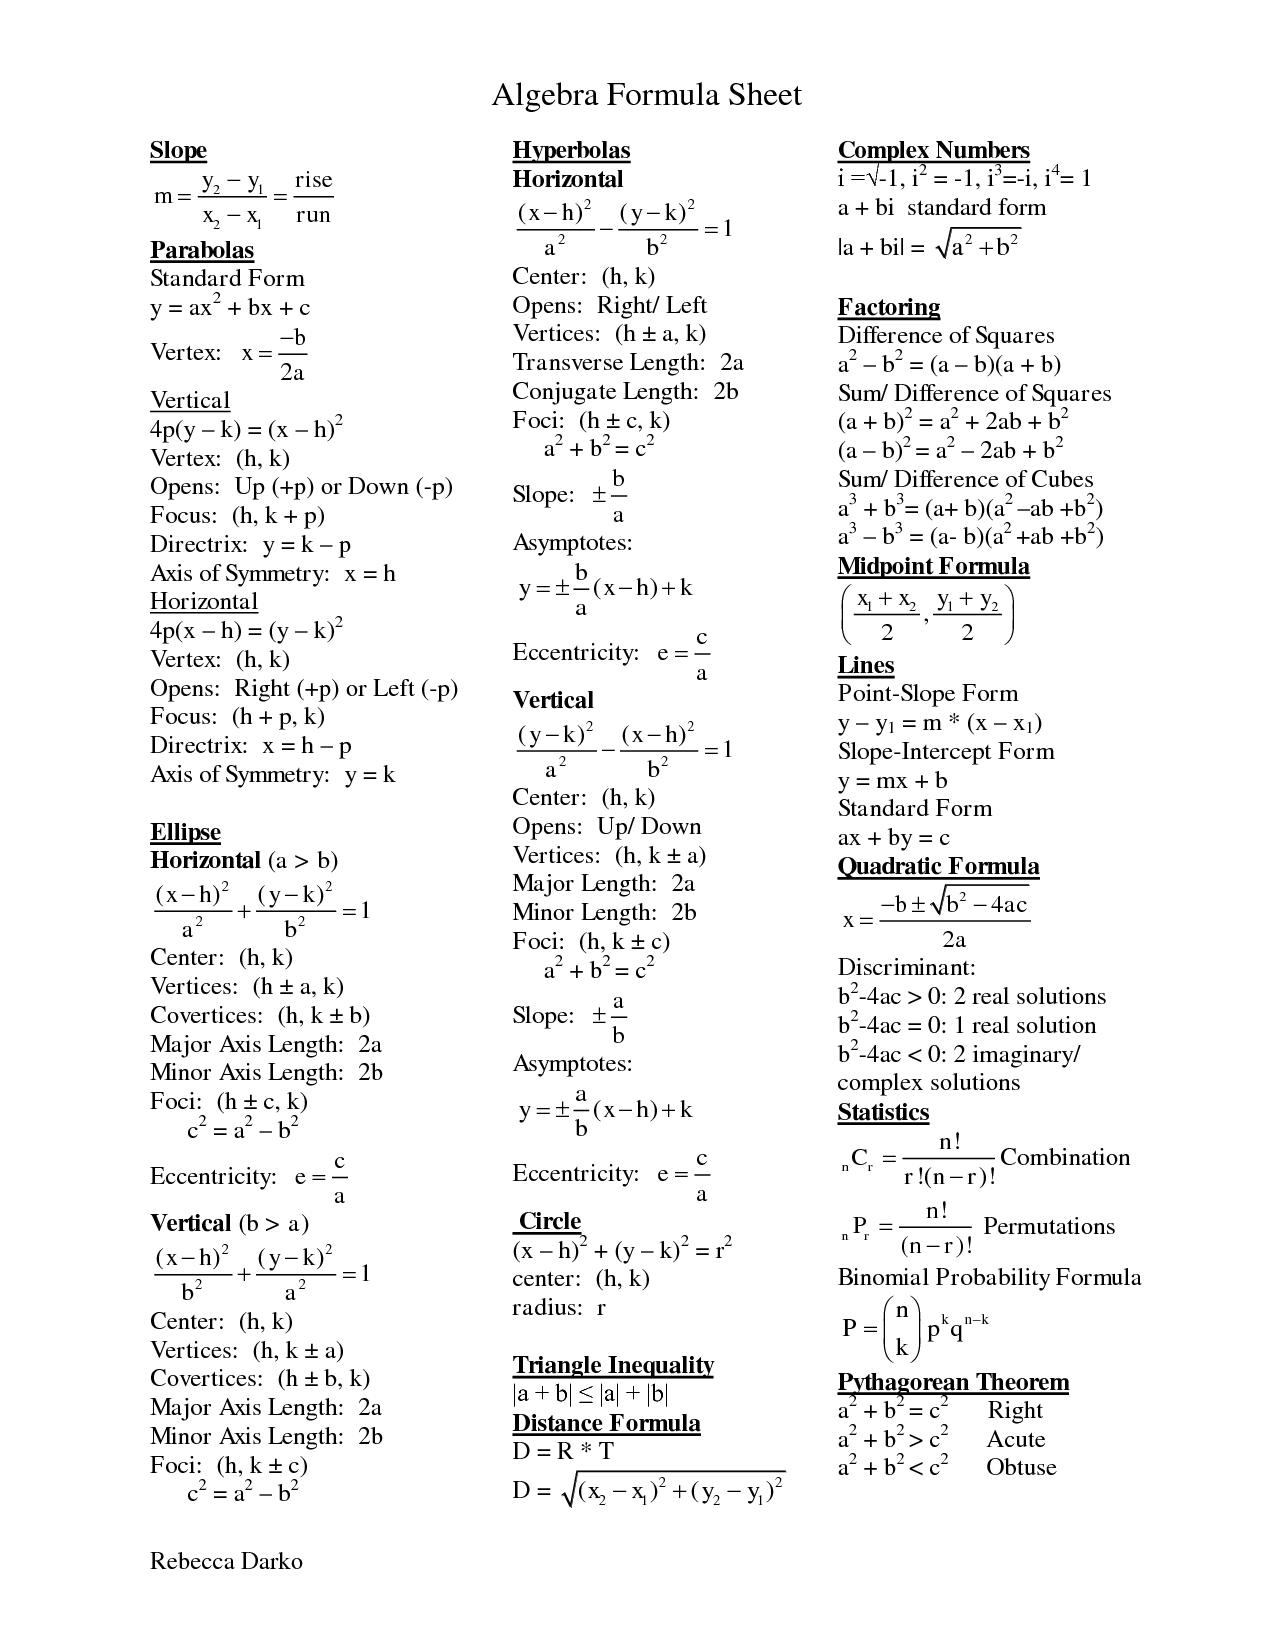 Factoring Cheat Sheet